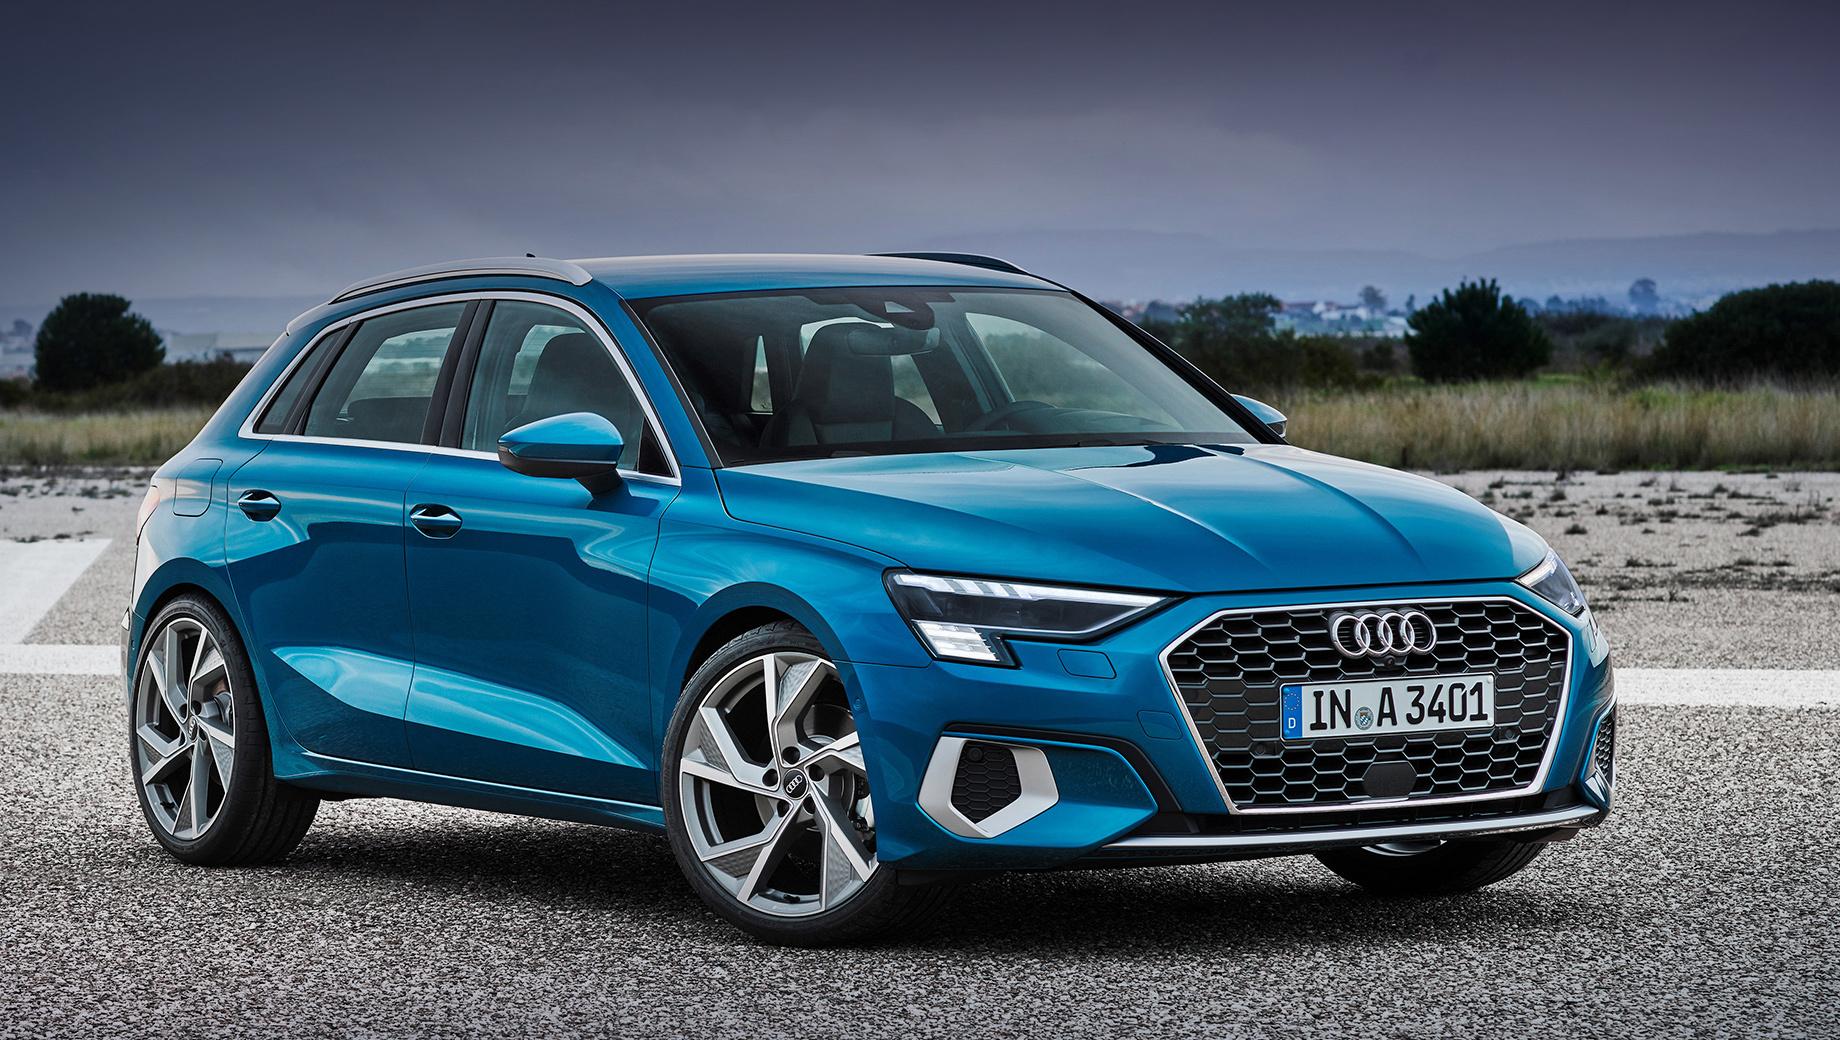 Хэтчбек Audi A3 нового поколения недосчитался дисплеев — ДРАЙВ